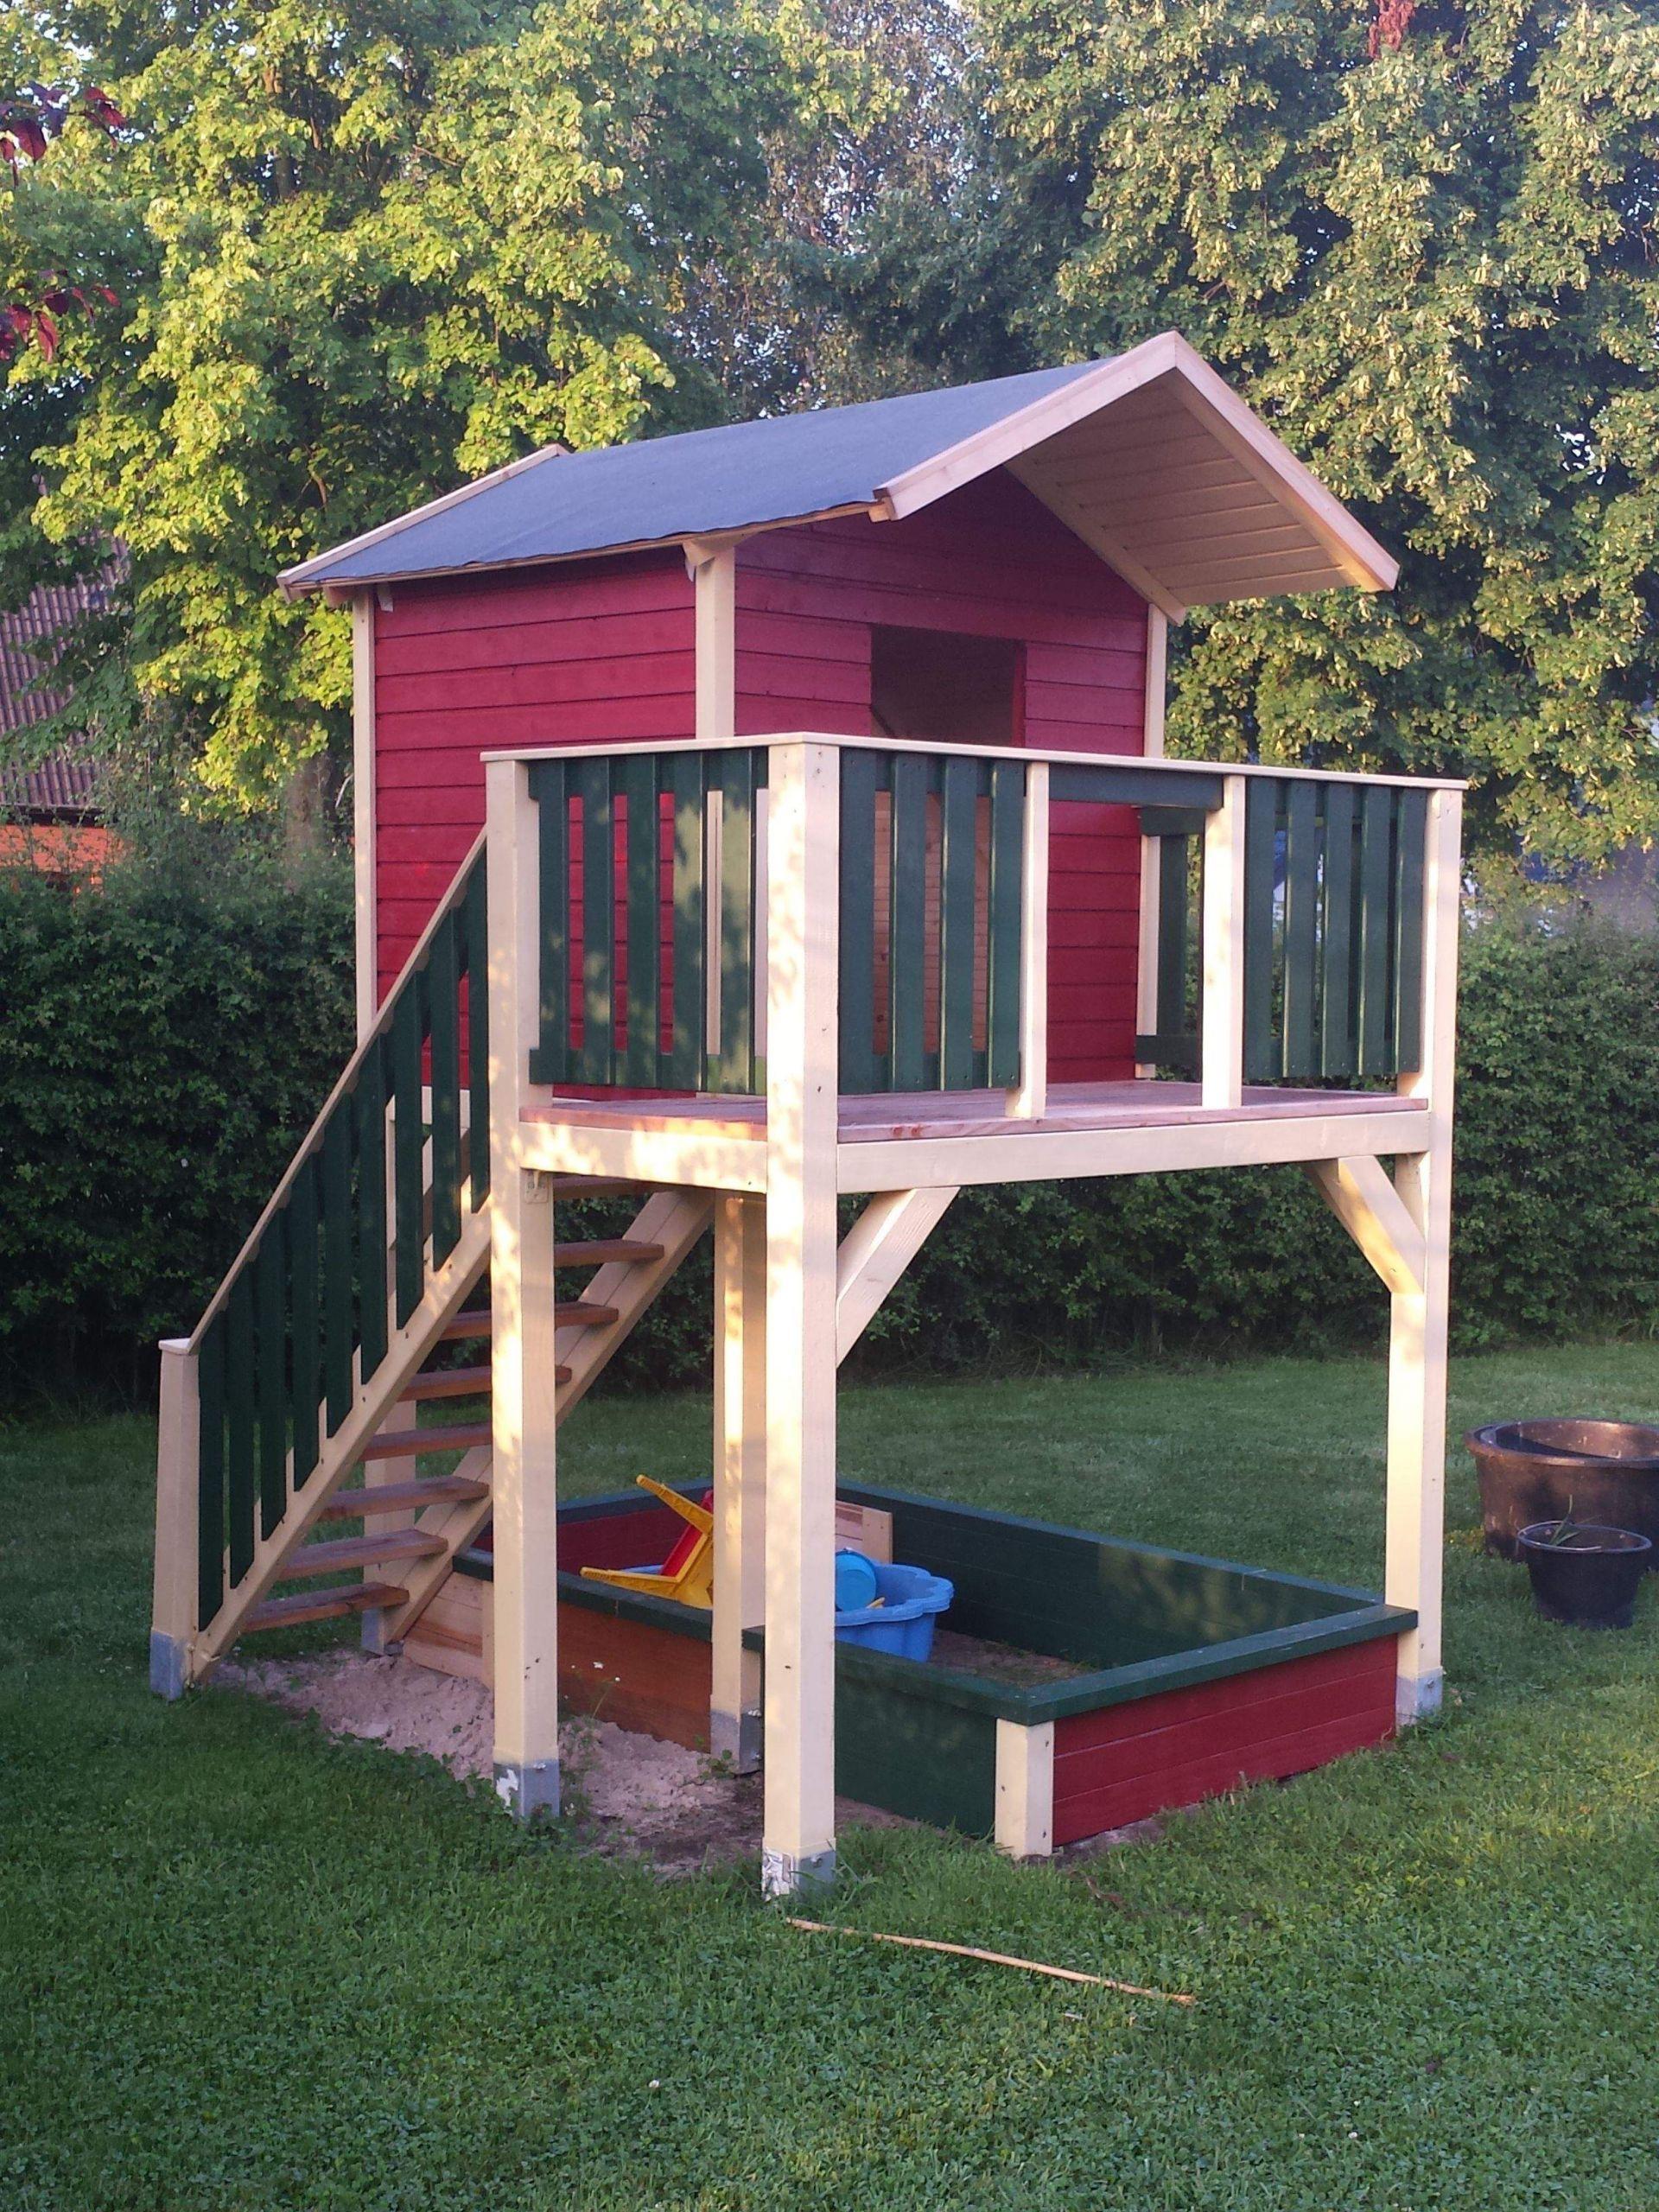 Garten Kinderhaus Reizend Spielturm Mit Treppe Bauanleitung Zum Selber Bauen